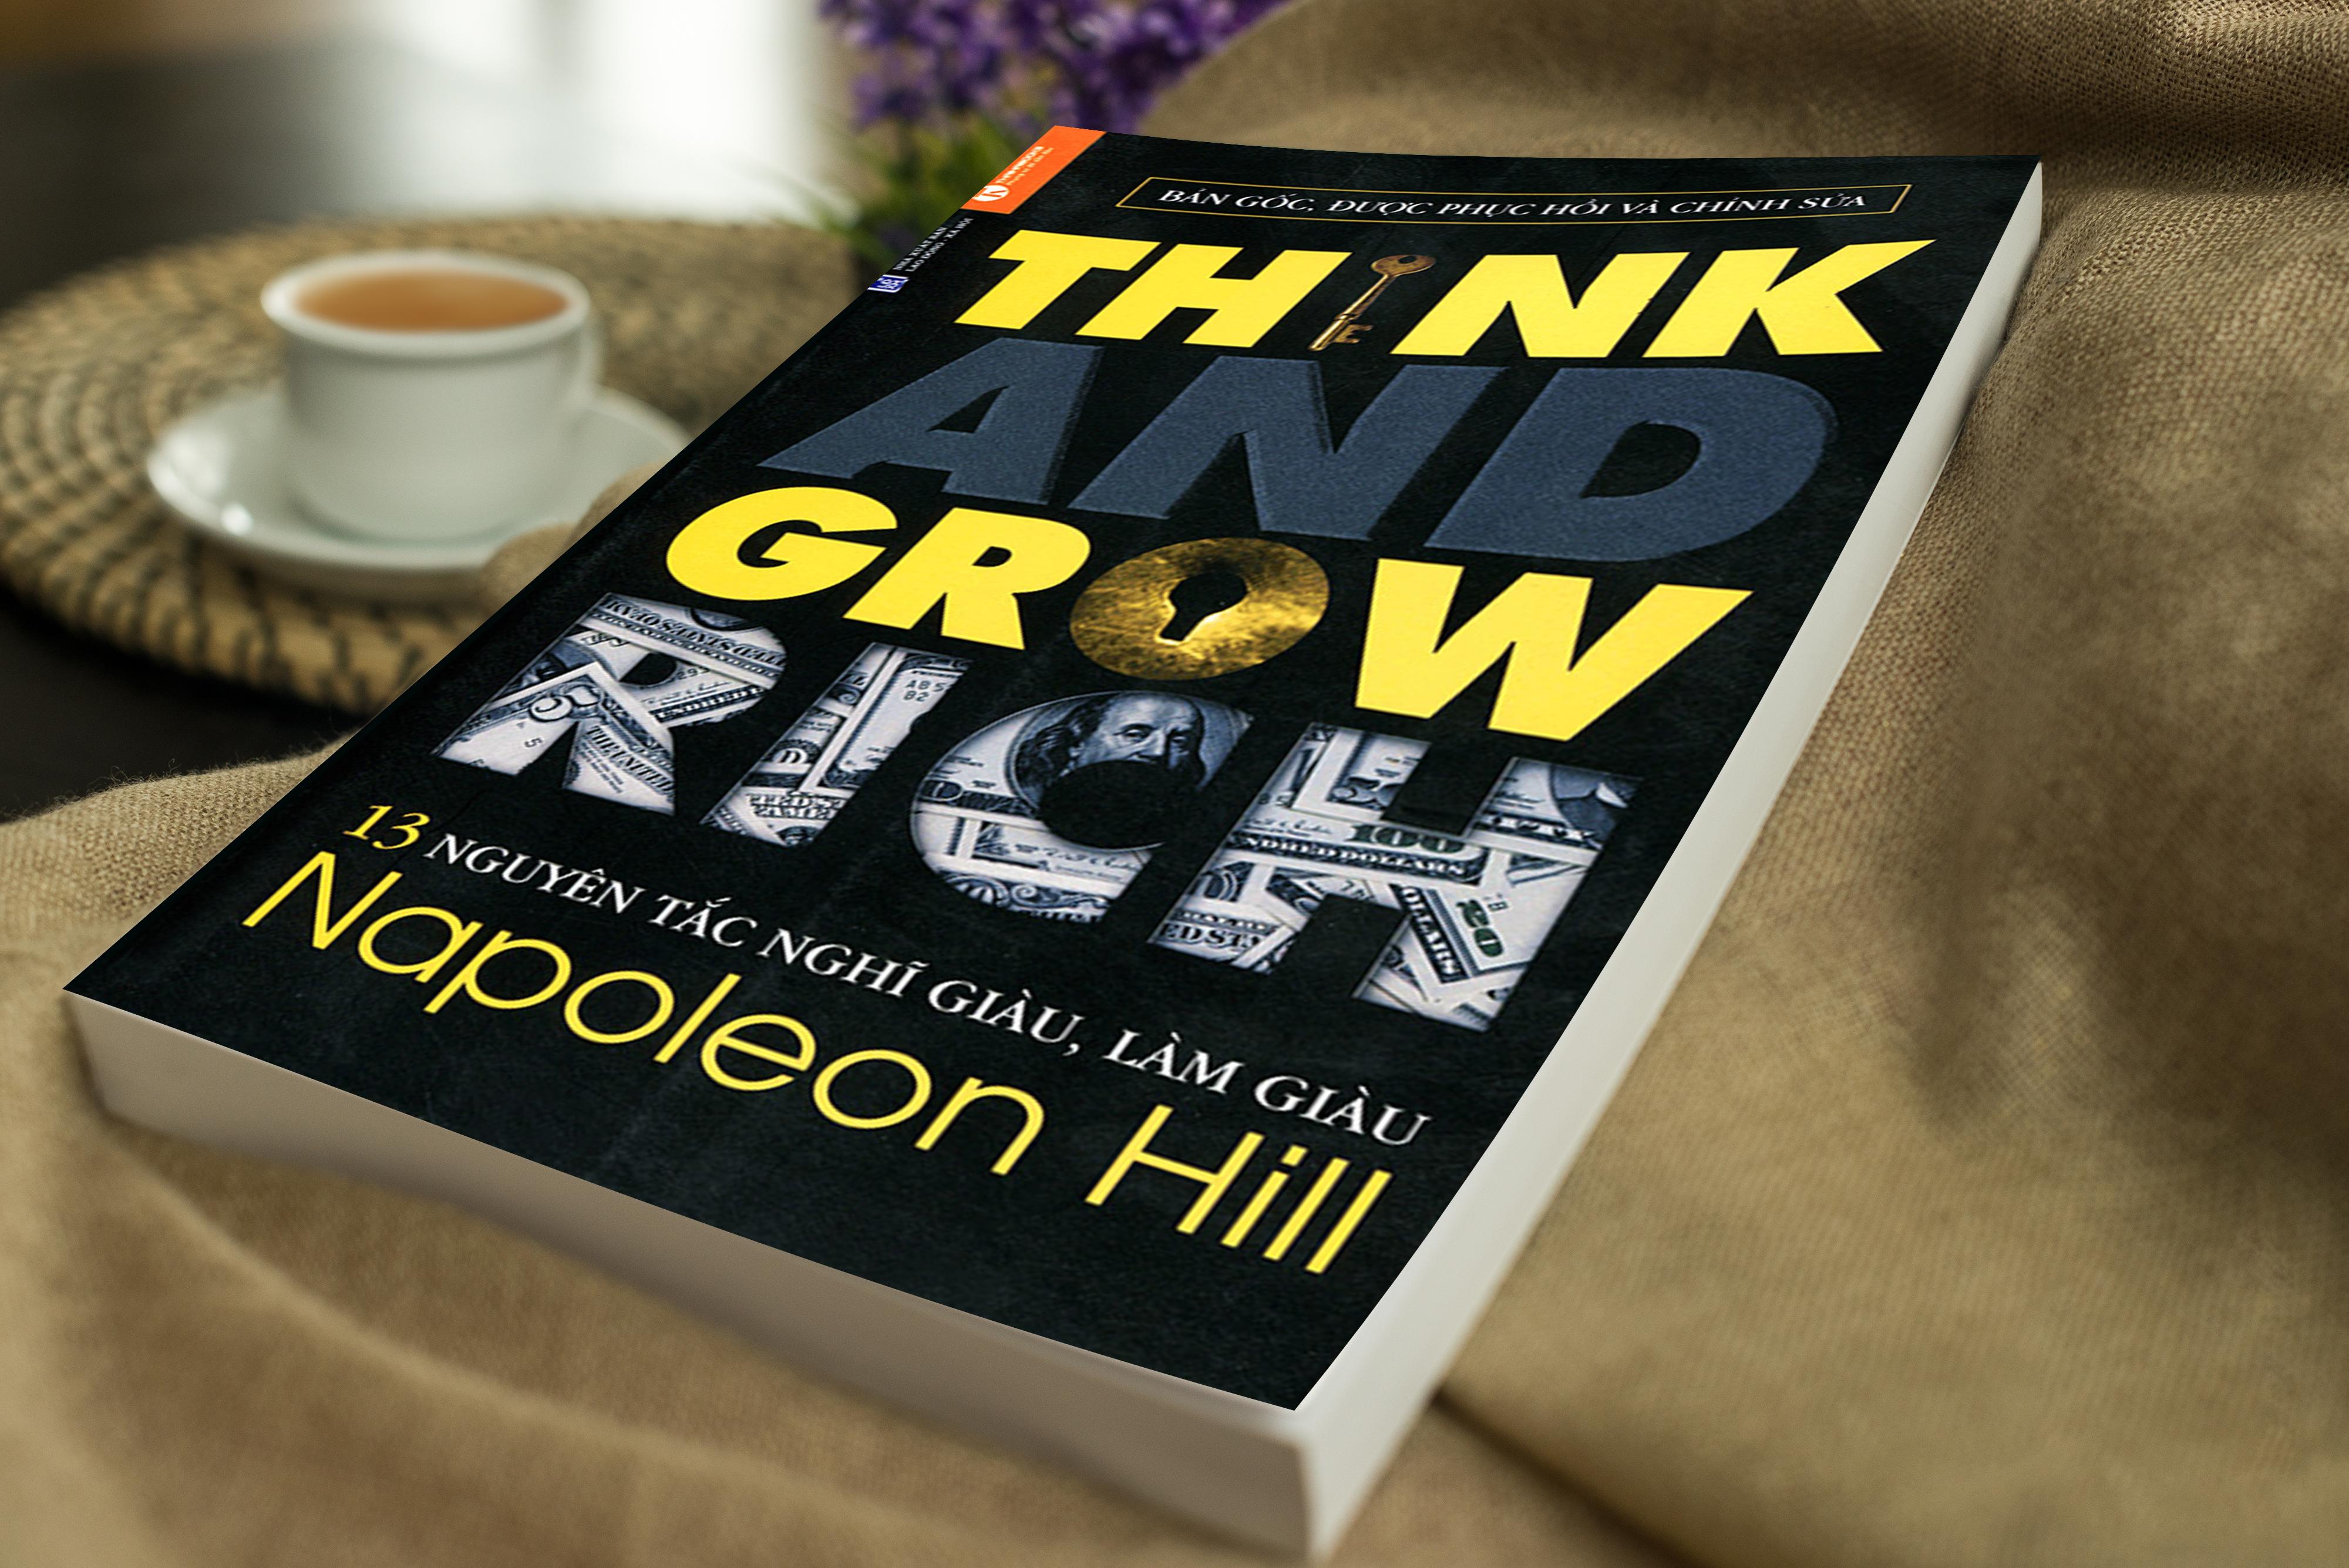 Top 10 cuốn sách hay, tâm đắc thay đổi cuộc đời bạn nên đọc nhất 1